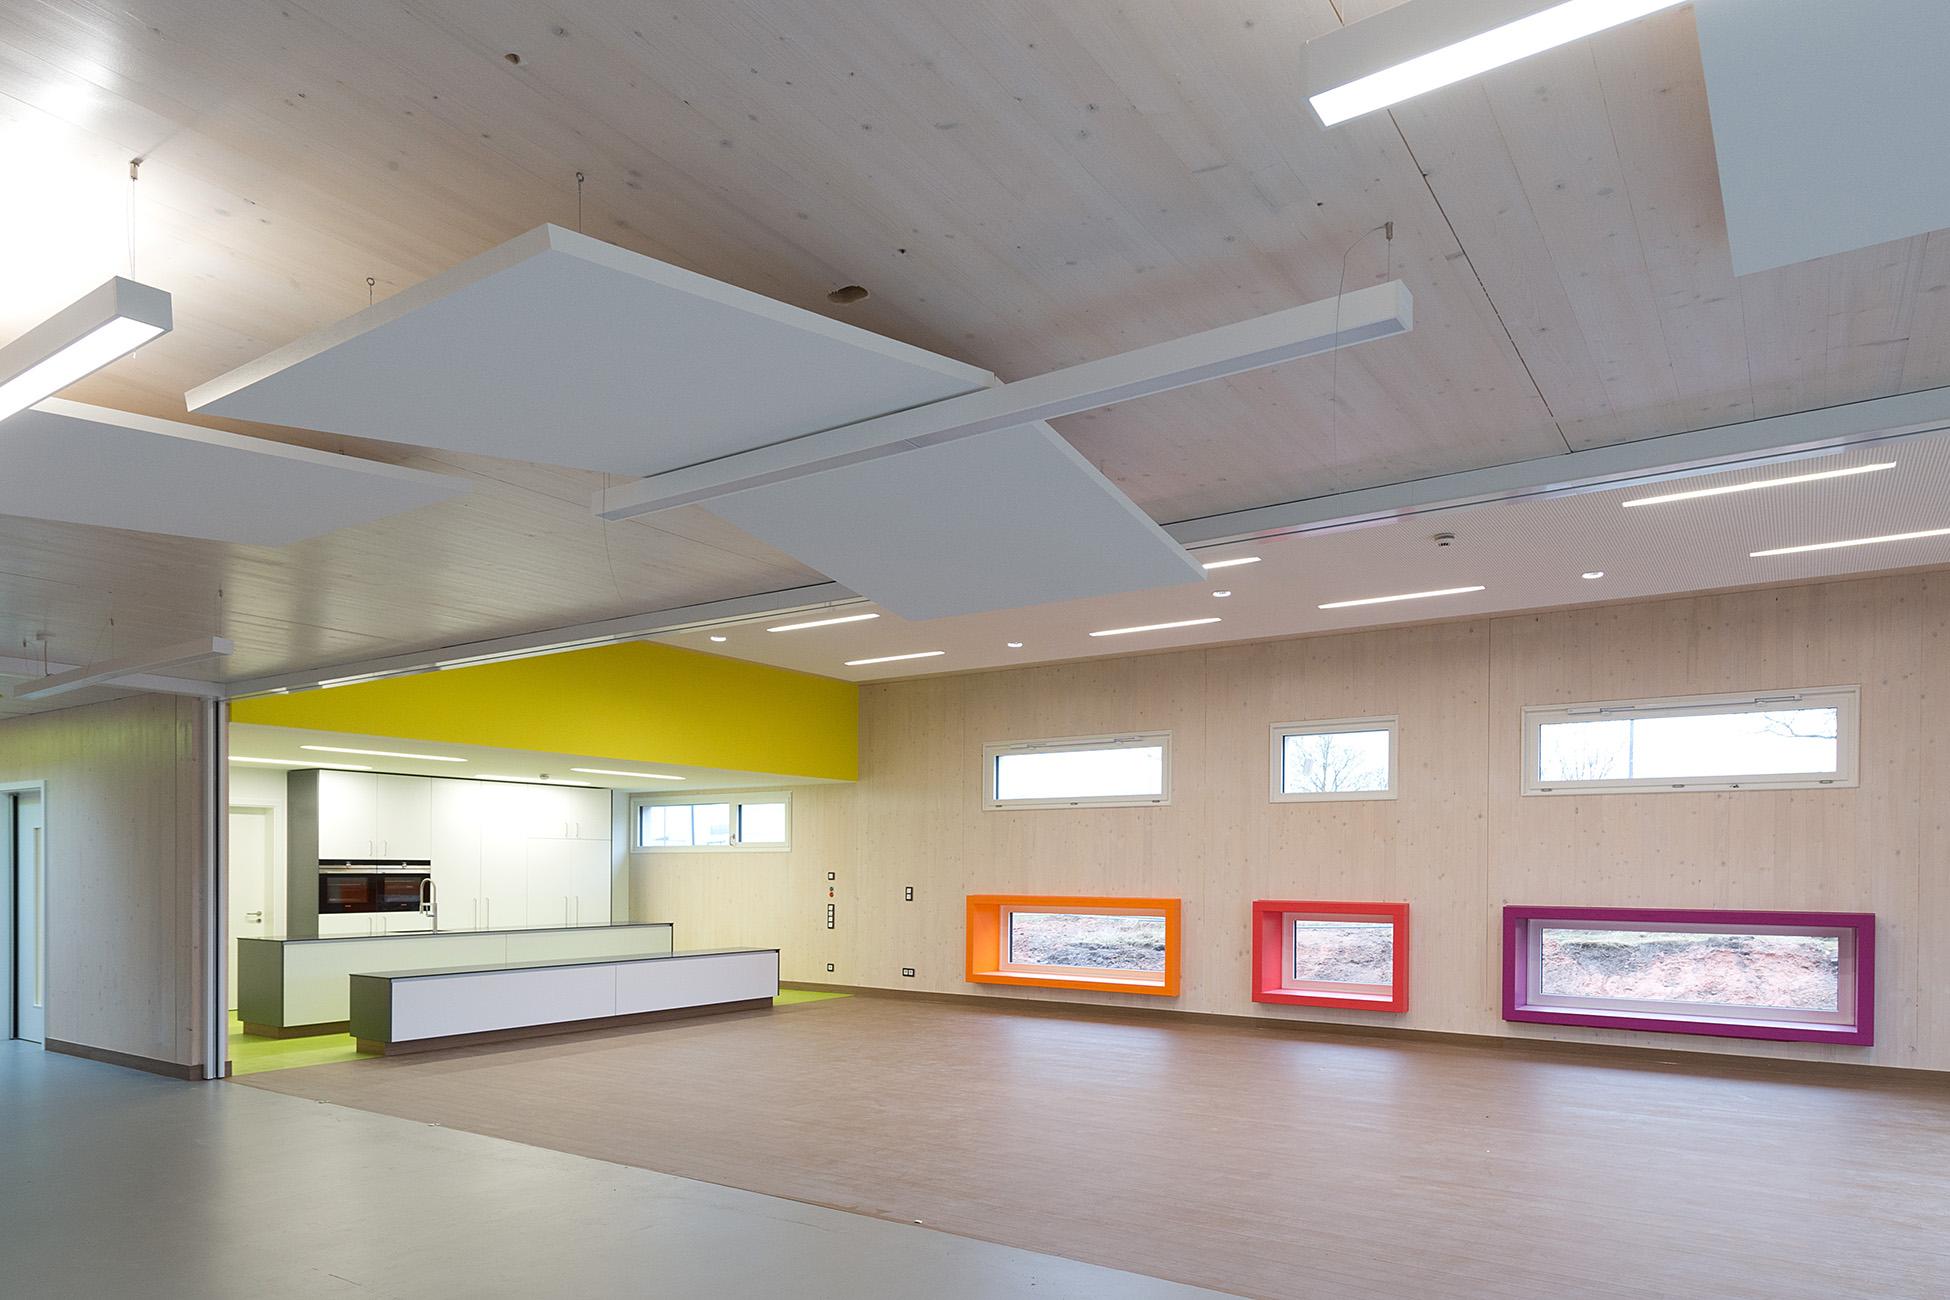 Küche und Gruppenraum mit farbigen Fenster